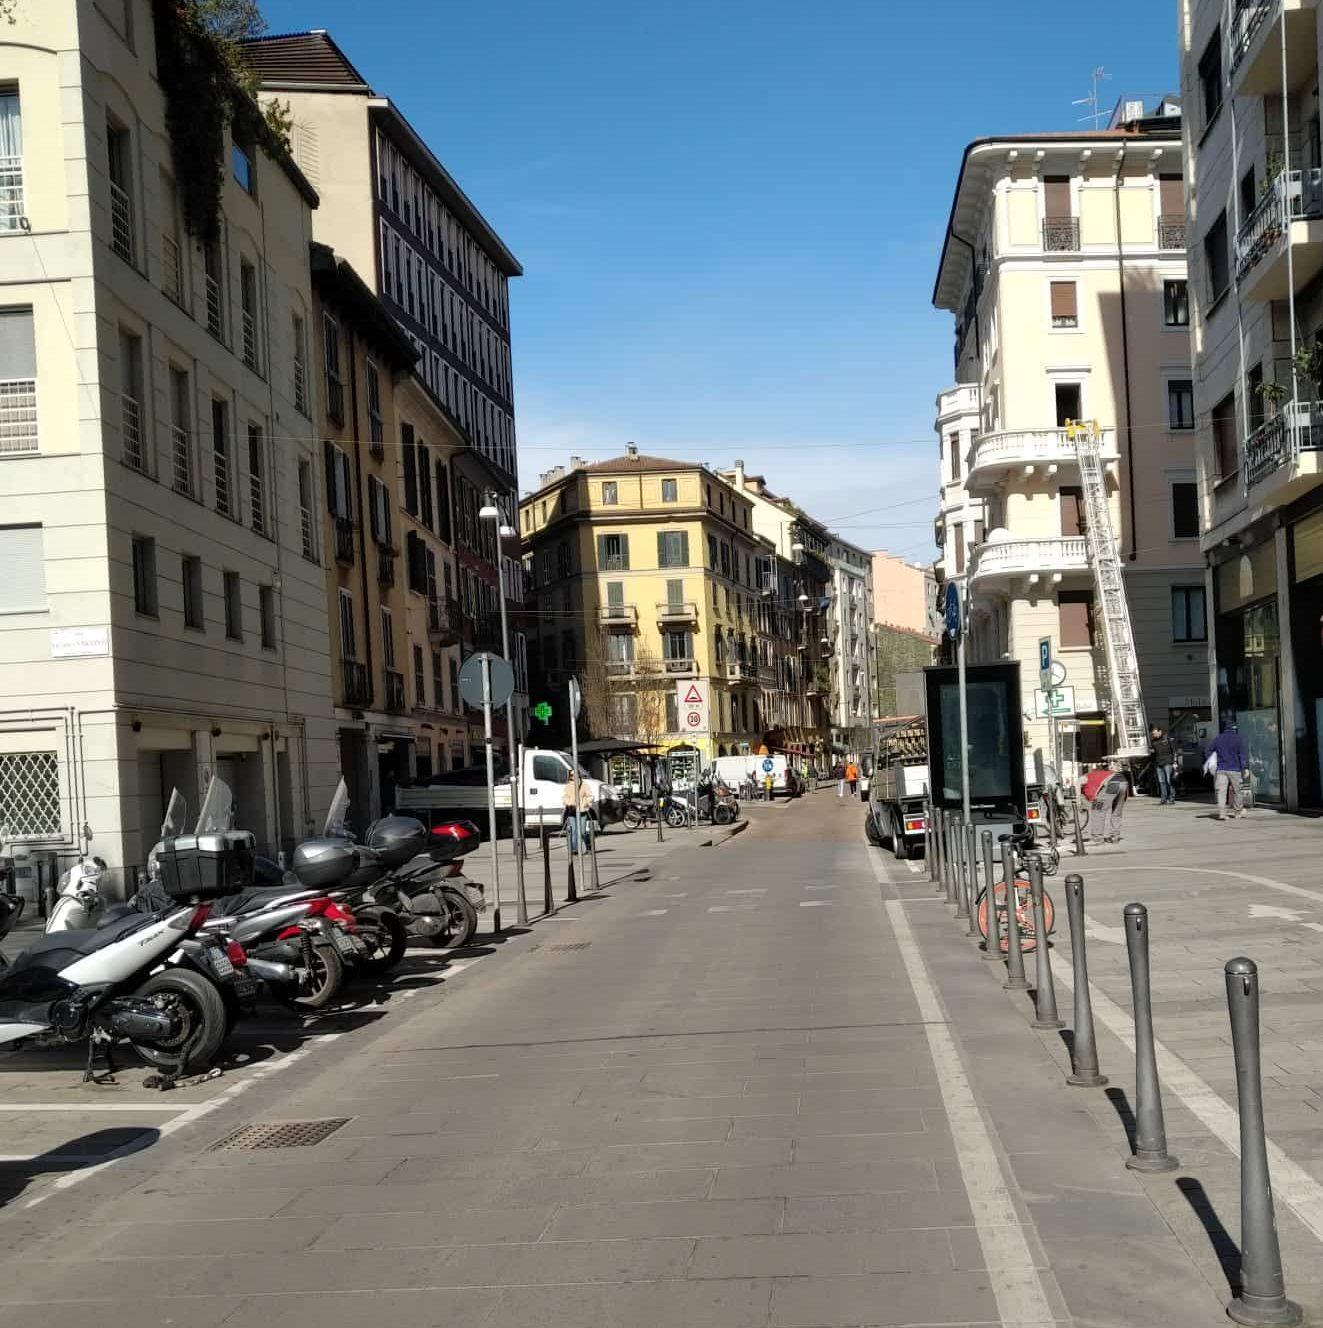 רחובות ריקים במילאנו. צילום יעל ענתי